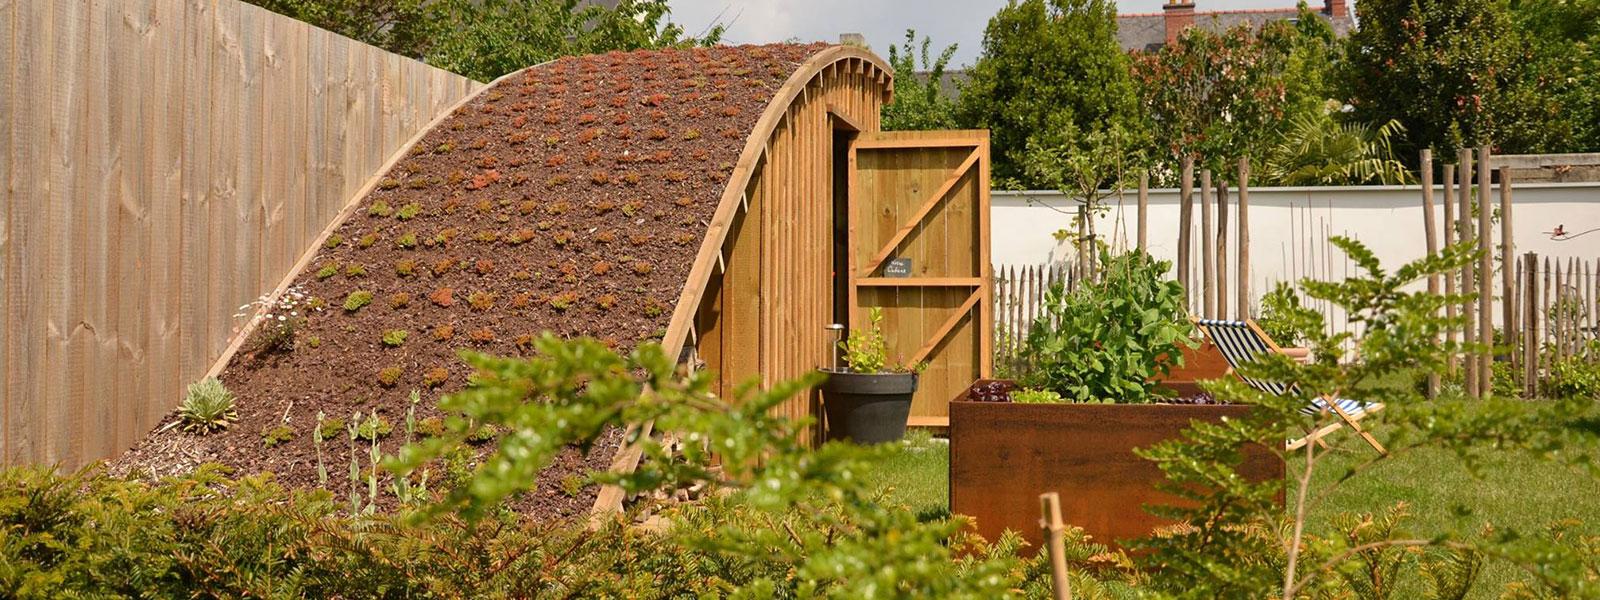 Jardin de ville rennes paysagiste les jardins d 39 hortense for Jardinet en anglais